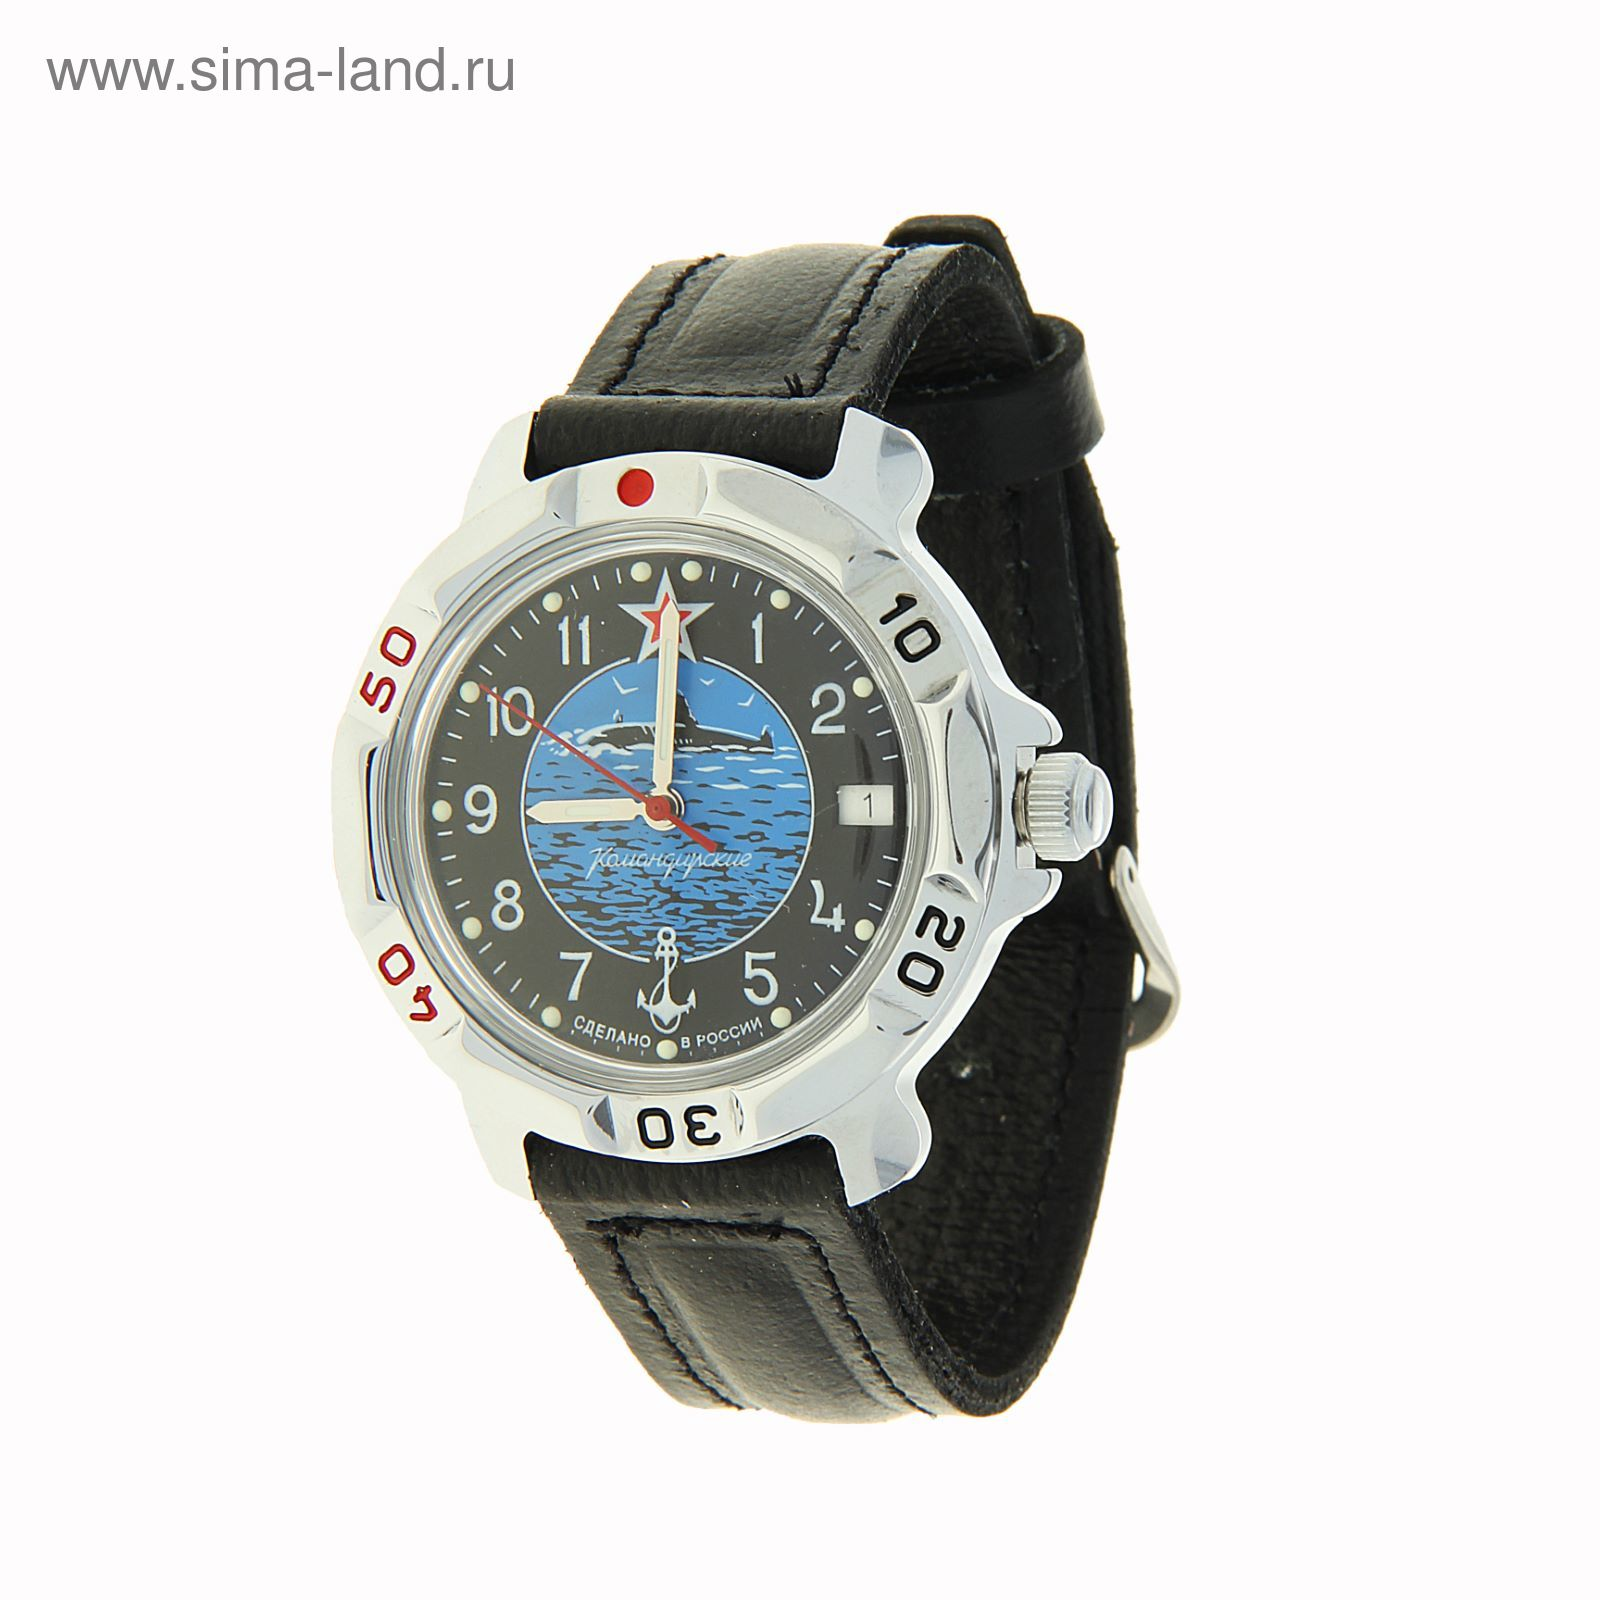 Командирские часы купить екатеринбург интернет магазин часы swiss military купить в красноярске